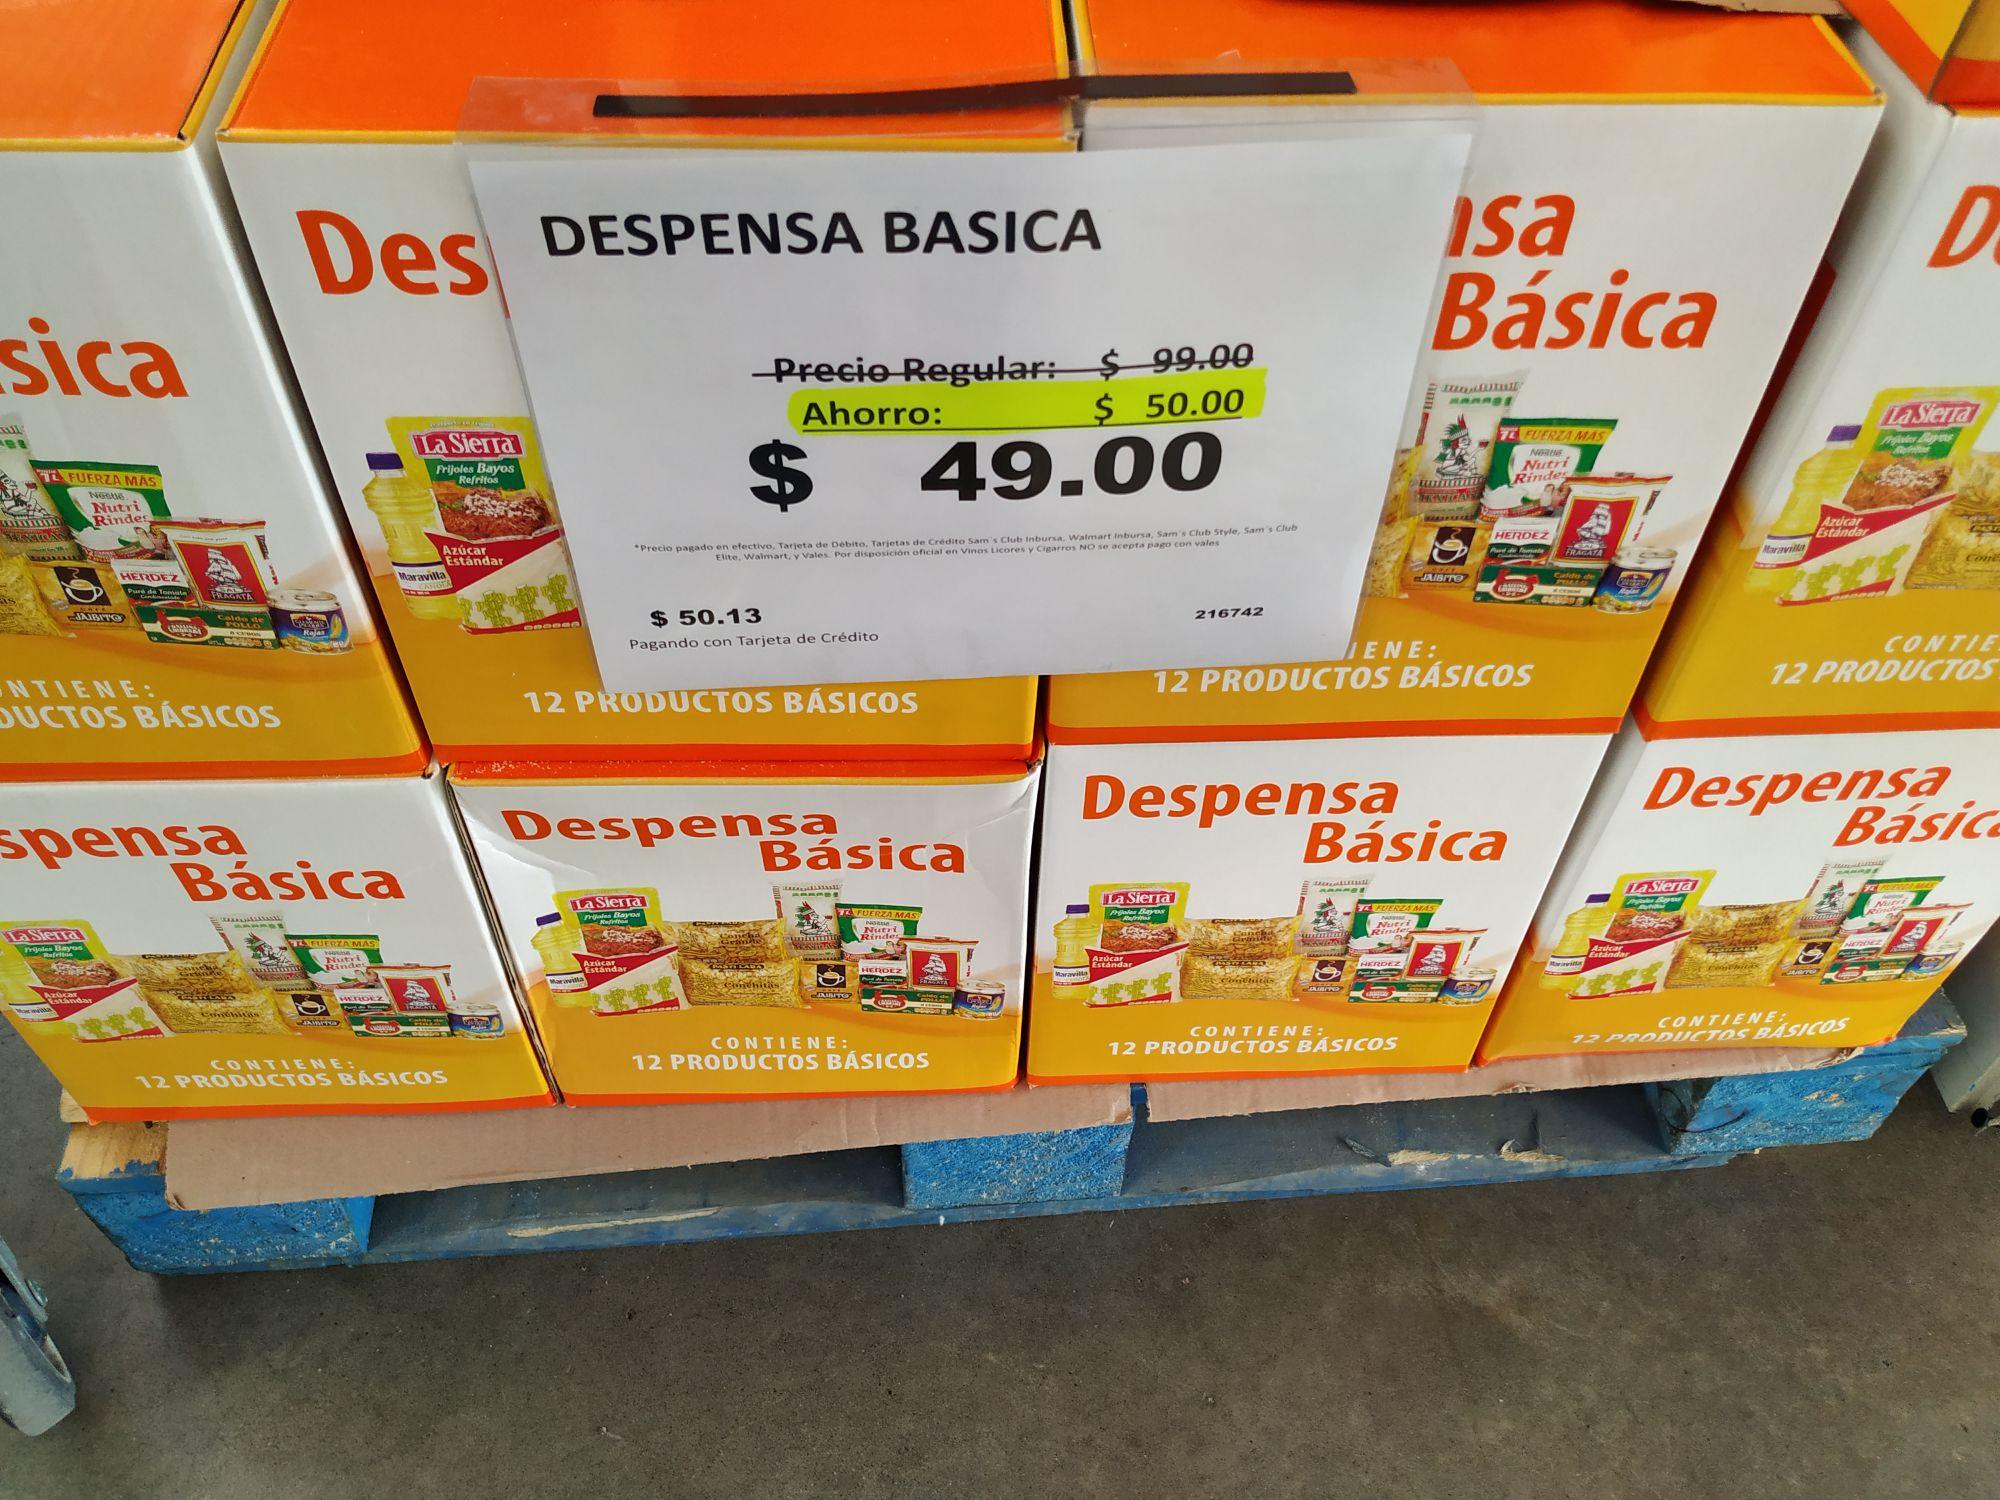 Despensa básica Sam's Club Iguala